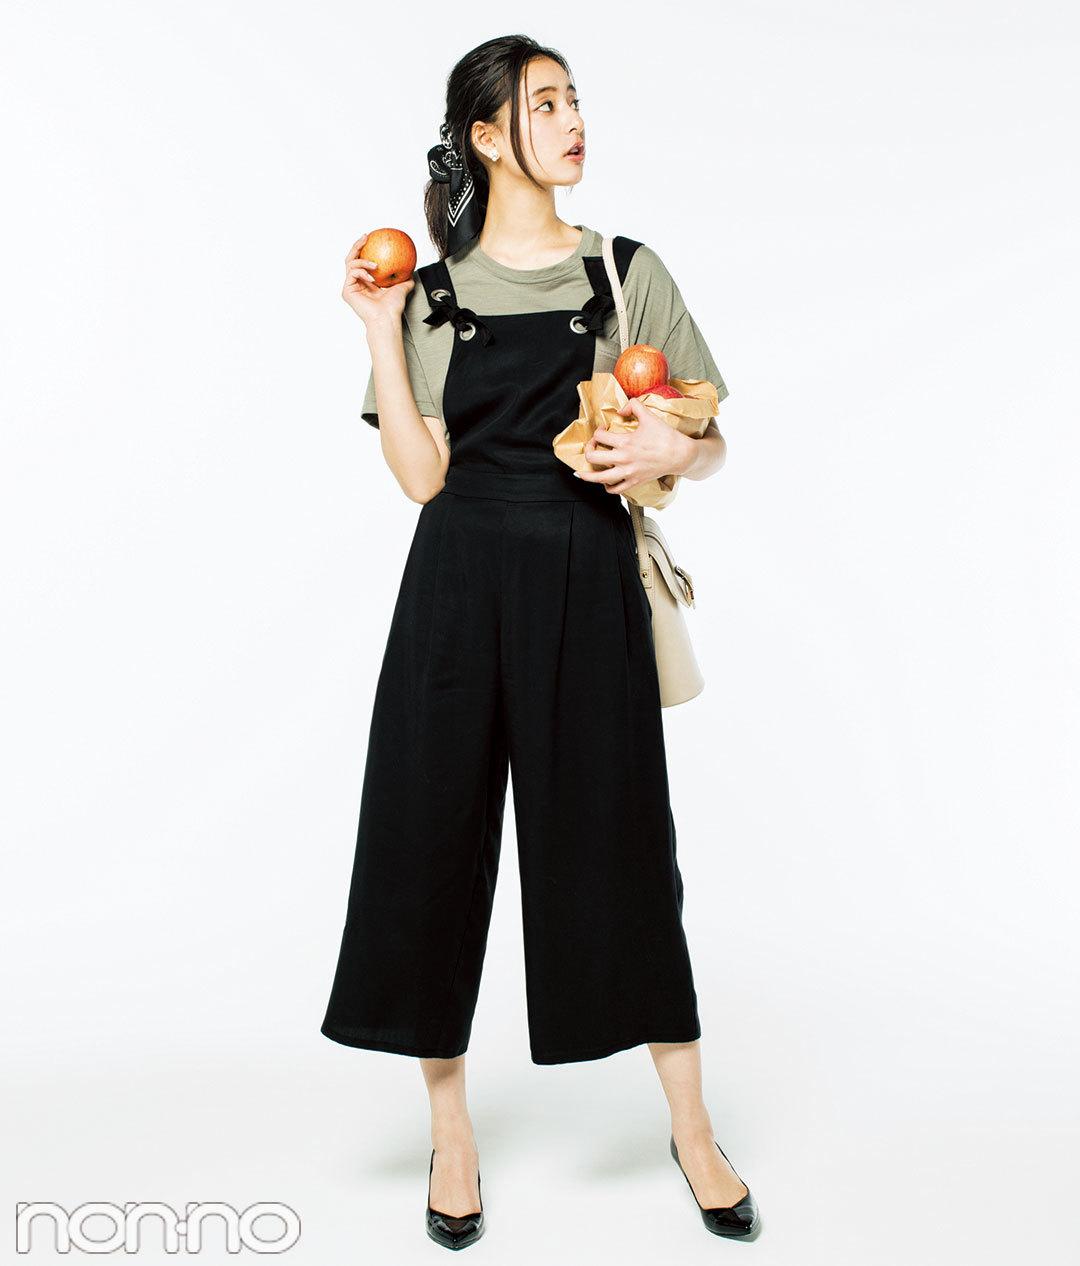 華奢見えする黒サロペット着回し★ノンノモデル新木優子の3スタイルはコレ!_1_4